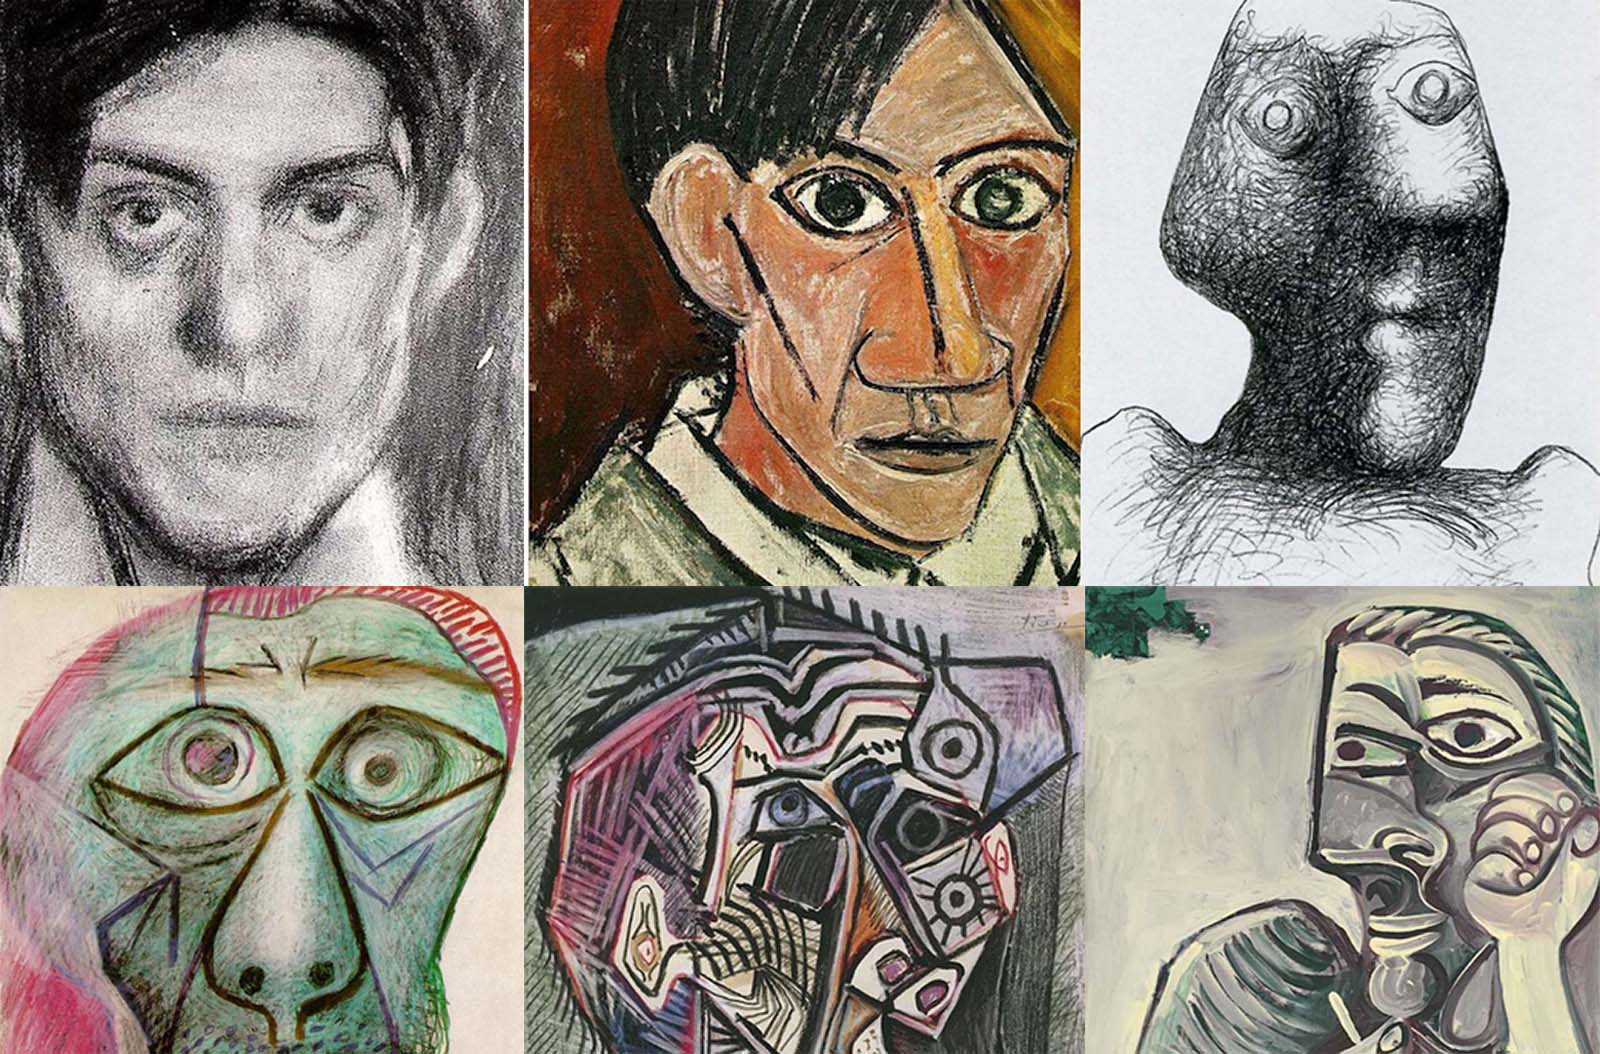 A evolução dos autorretratos de Picasso dos 15 aos 90 anos